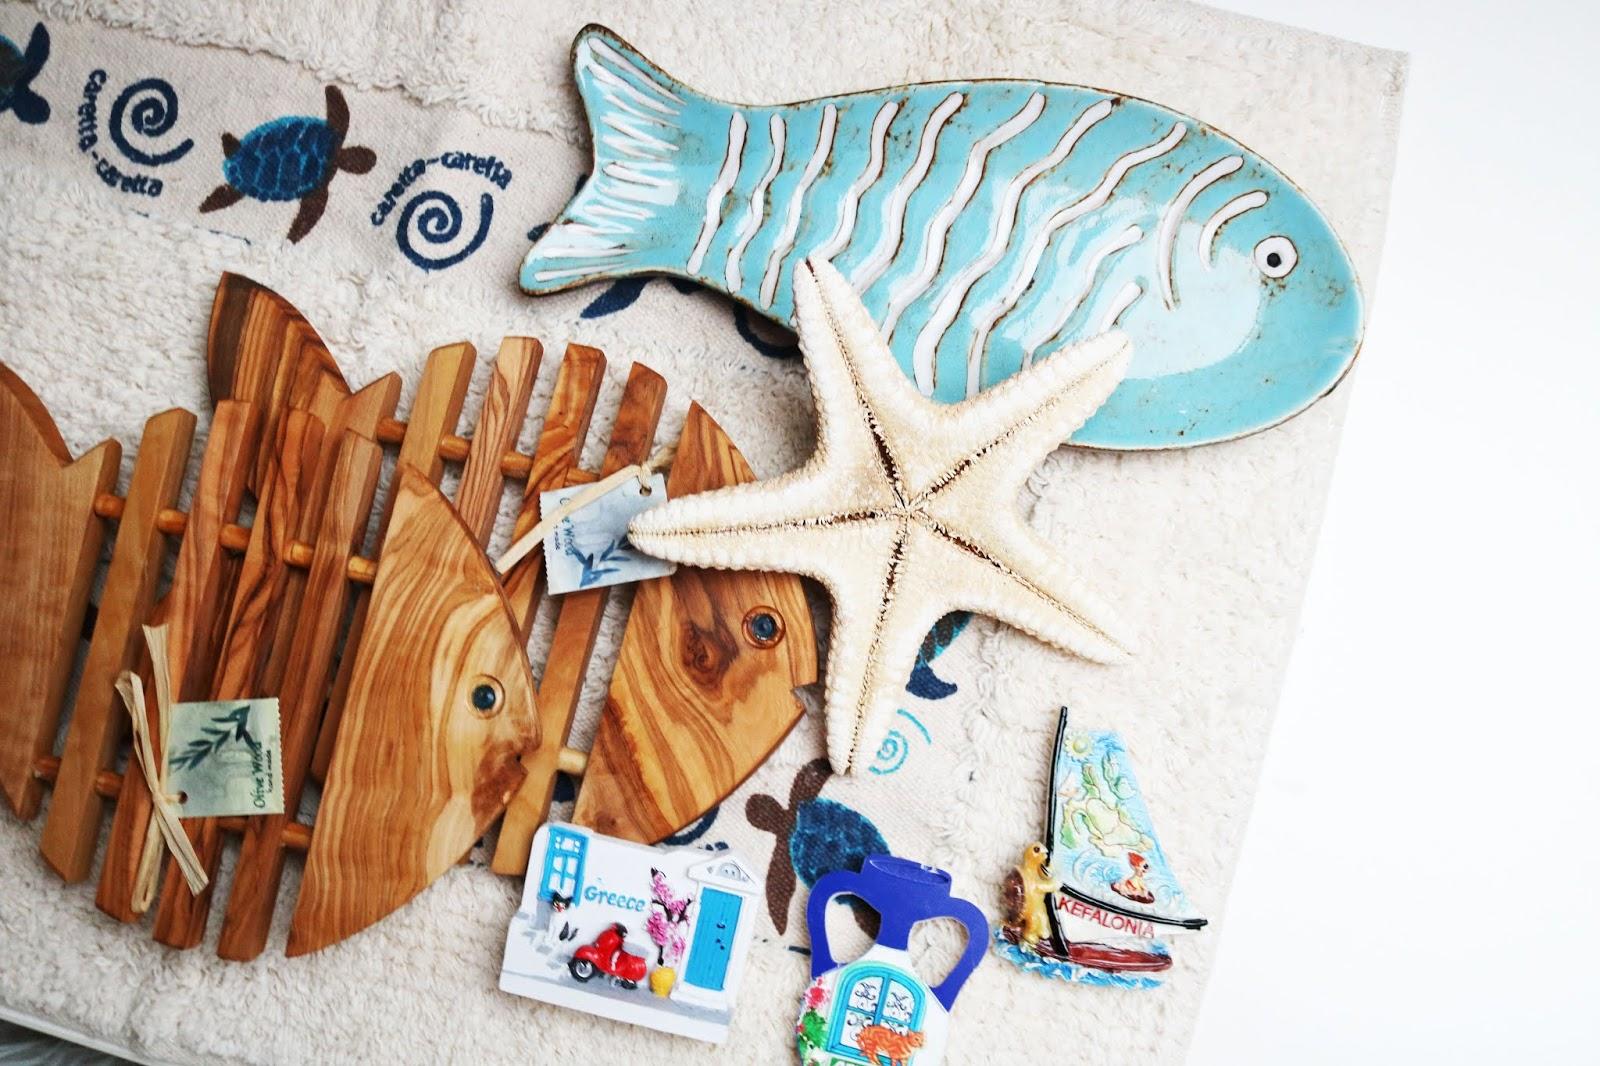 Souvenirs sparen | Mijn 5 favoriete souvenirs uit Griekenland!